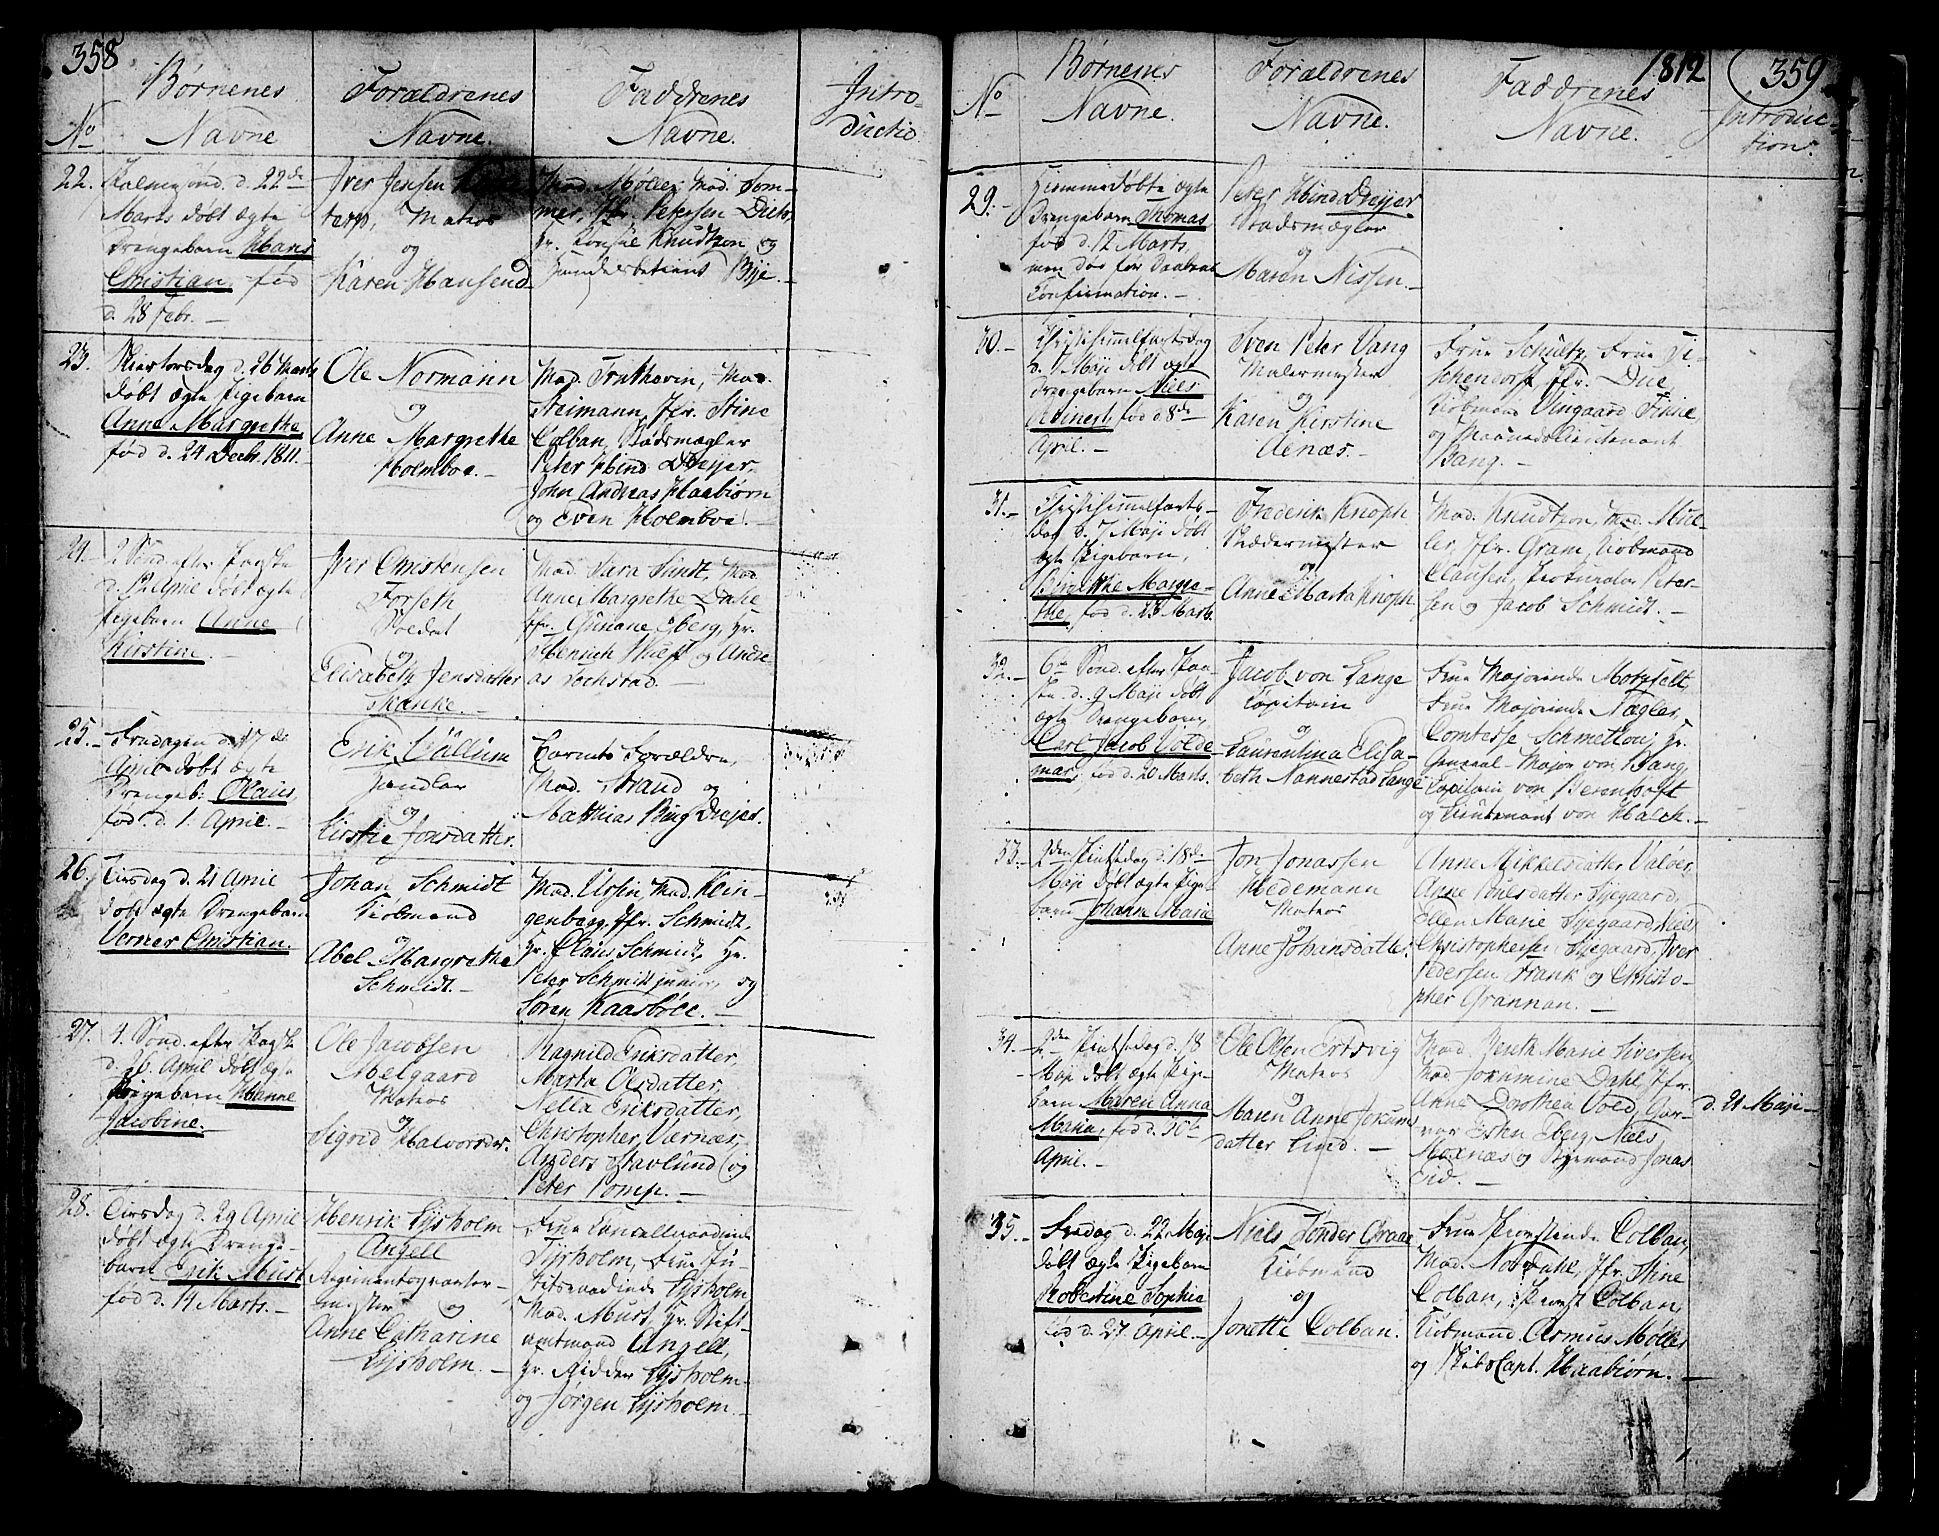 SAT, Ministerialprotokoller, klokkerbøker og fødselsregistre - Sør-Trøndelag, 602/L0104: Ministerialbok nr. 602A02, 1774-1814, s. 358-359